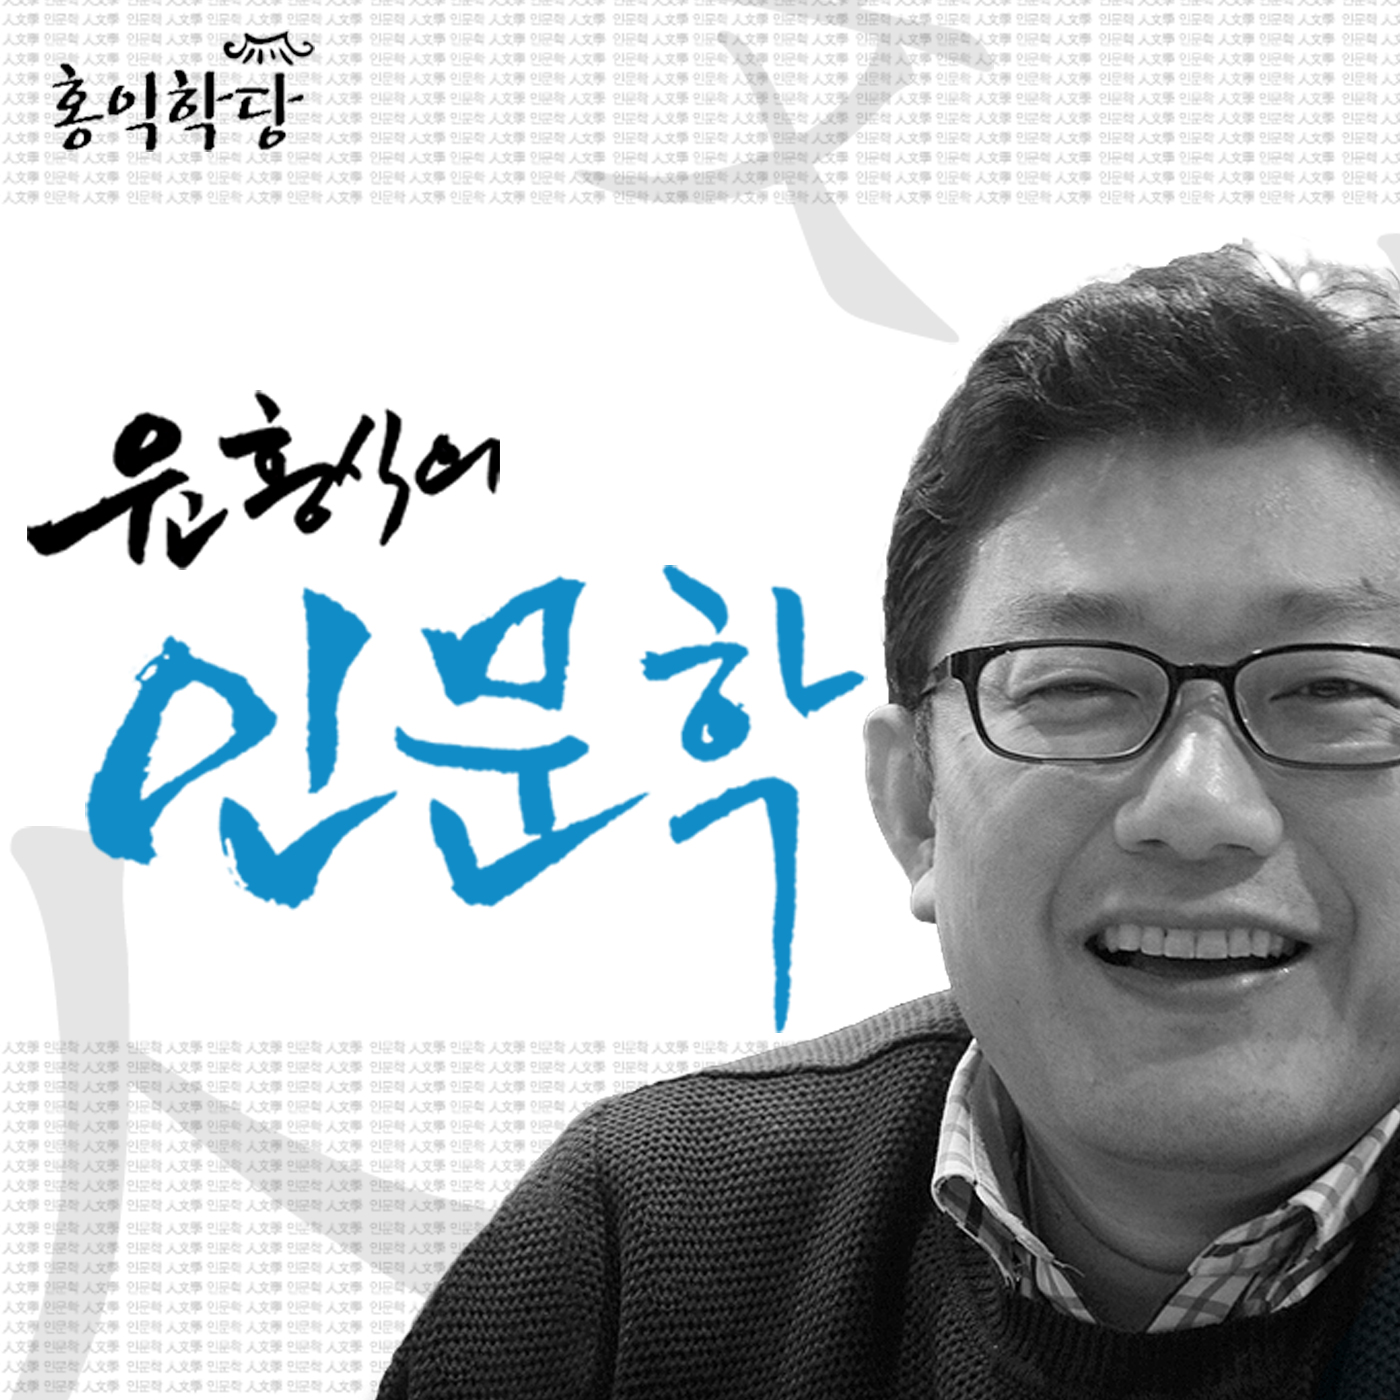 [홍익학당] 윤홍식의 인문학 강의